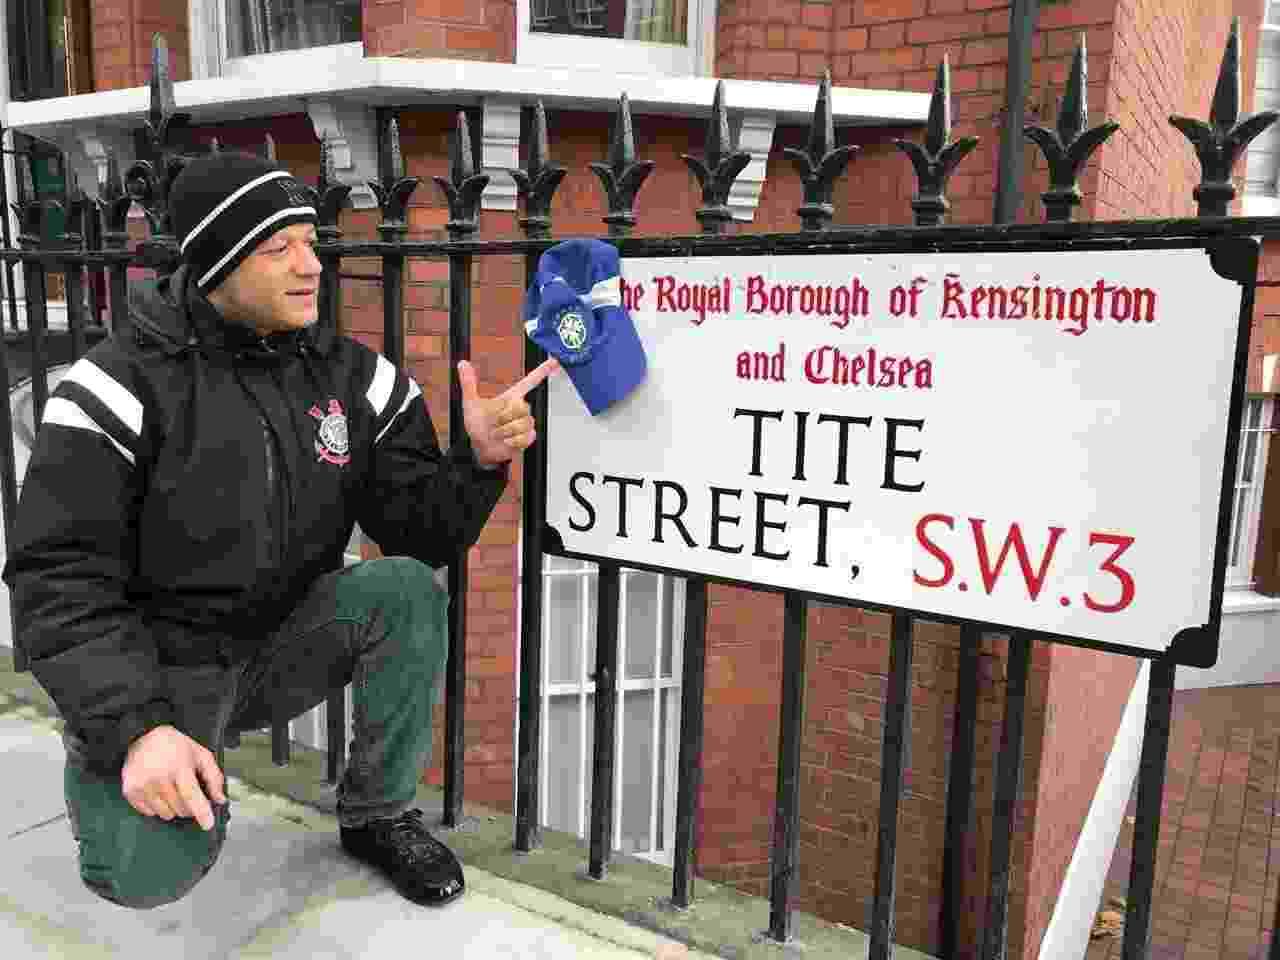 Torcedor do Corinthians, Alessandro mora próximo à Rua Tite, no bairro Chelsea, em Londres - Pedro Ivo Almeida/UOL